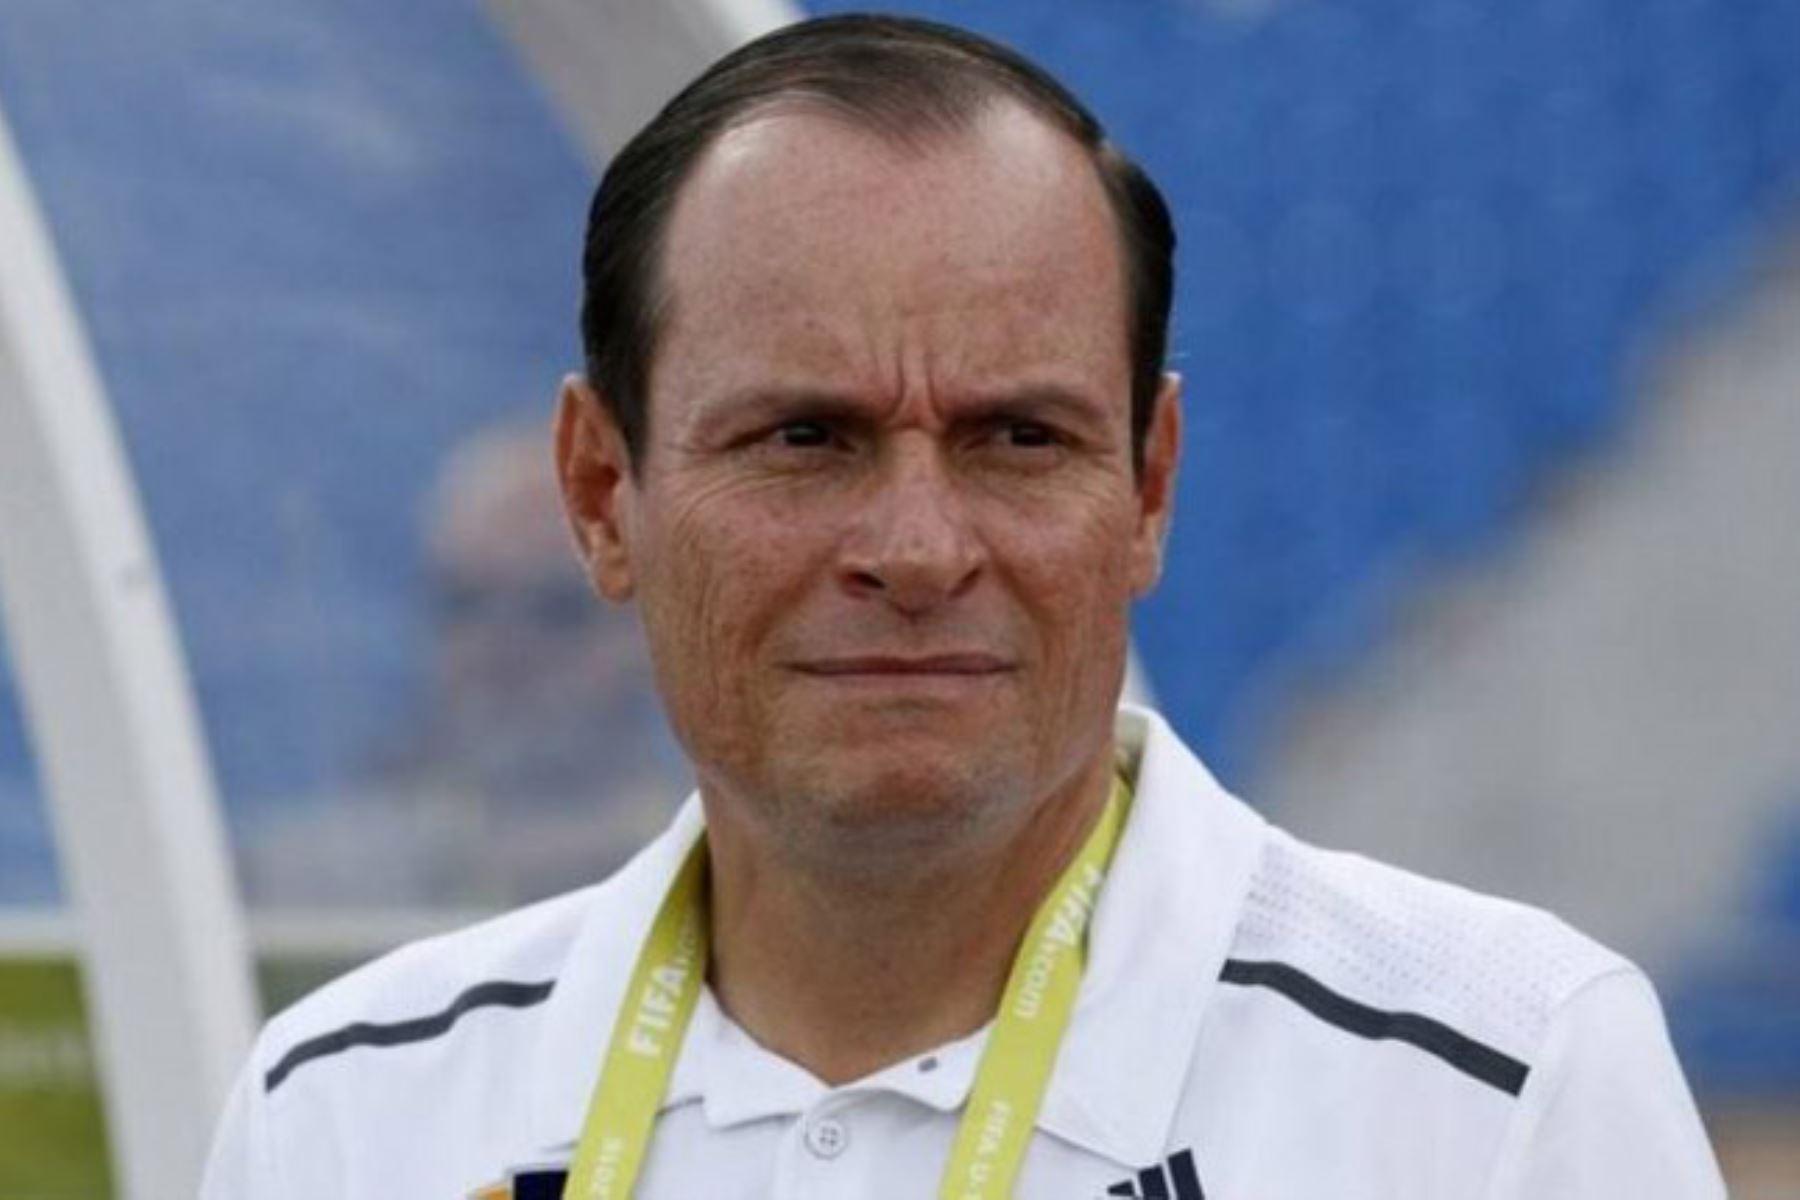 Más de 20 futbolistas venezolanas acusan a exentrenador de abuso sexual